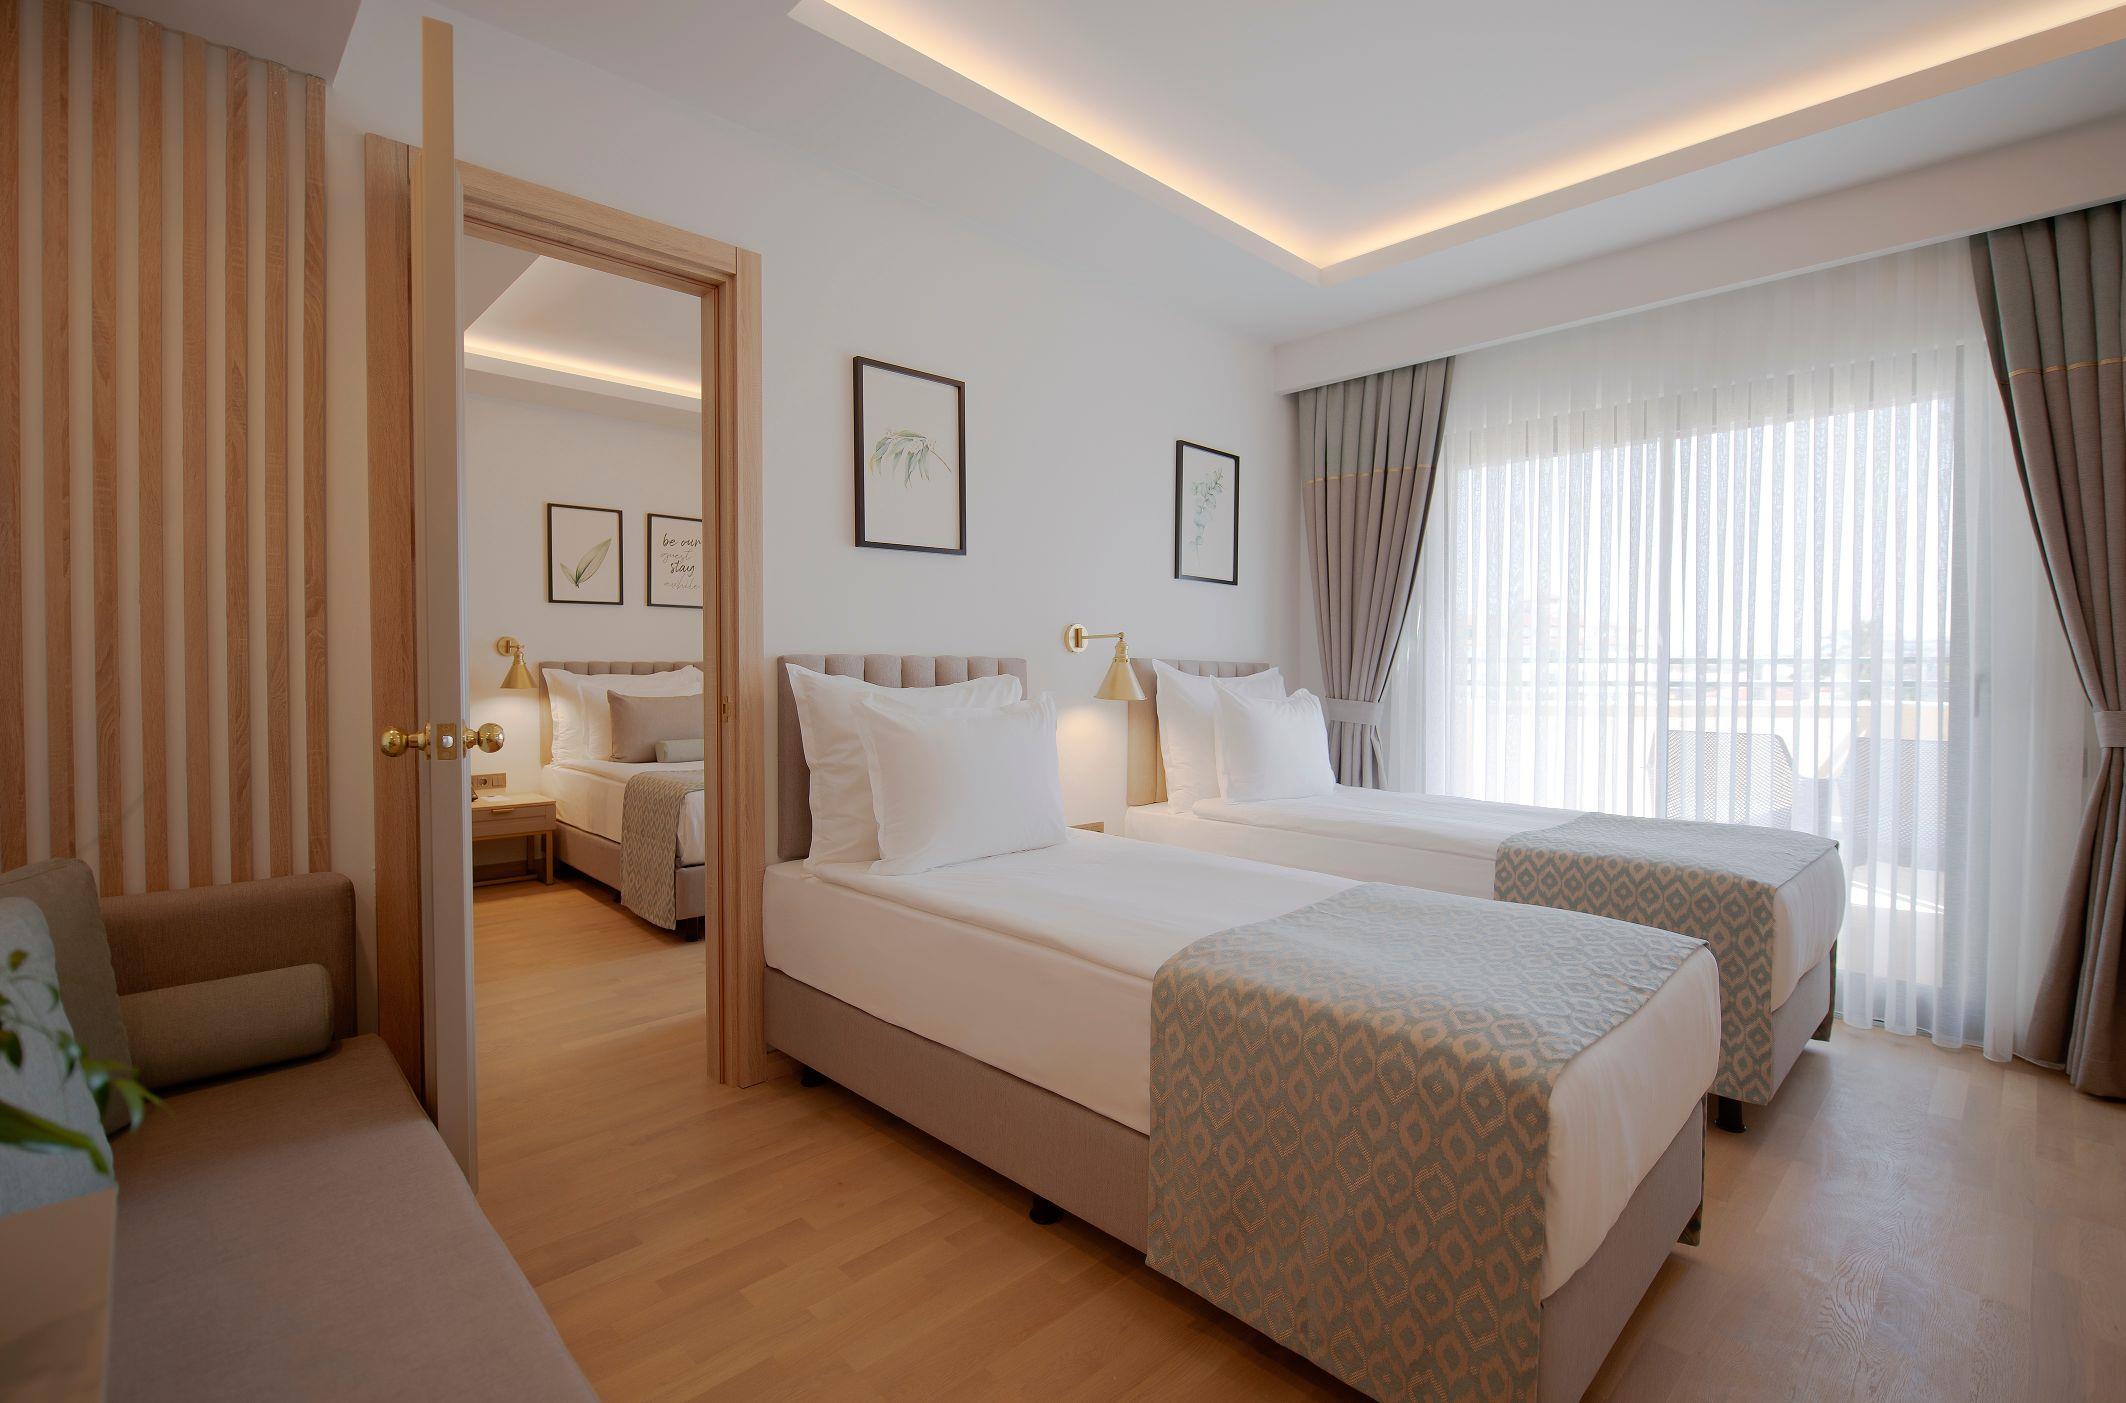 http://www.orextravel.sk/OREX/hotelphotos/miramare-queen-hotel-general-0035.jpg